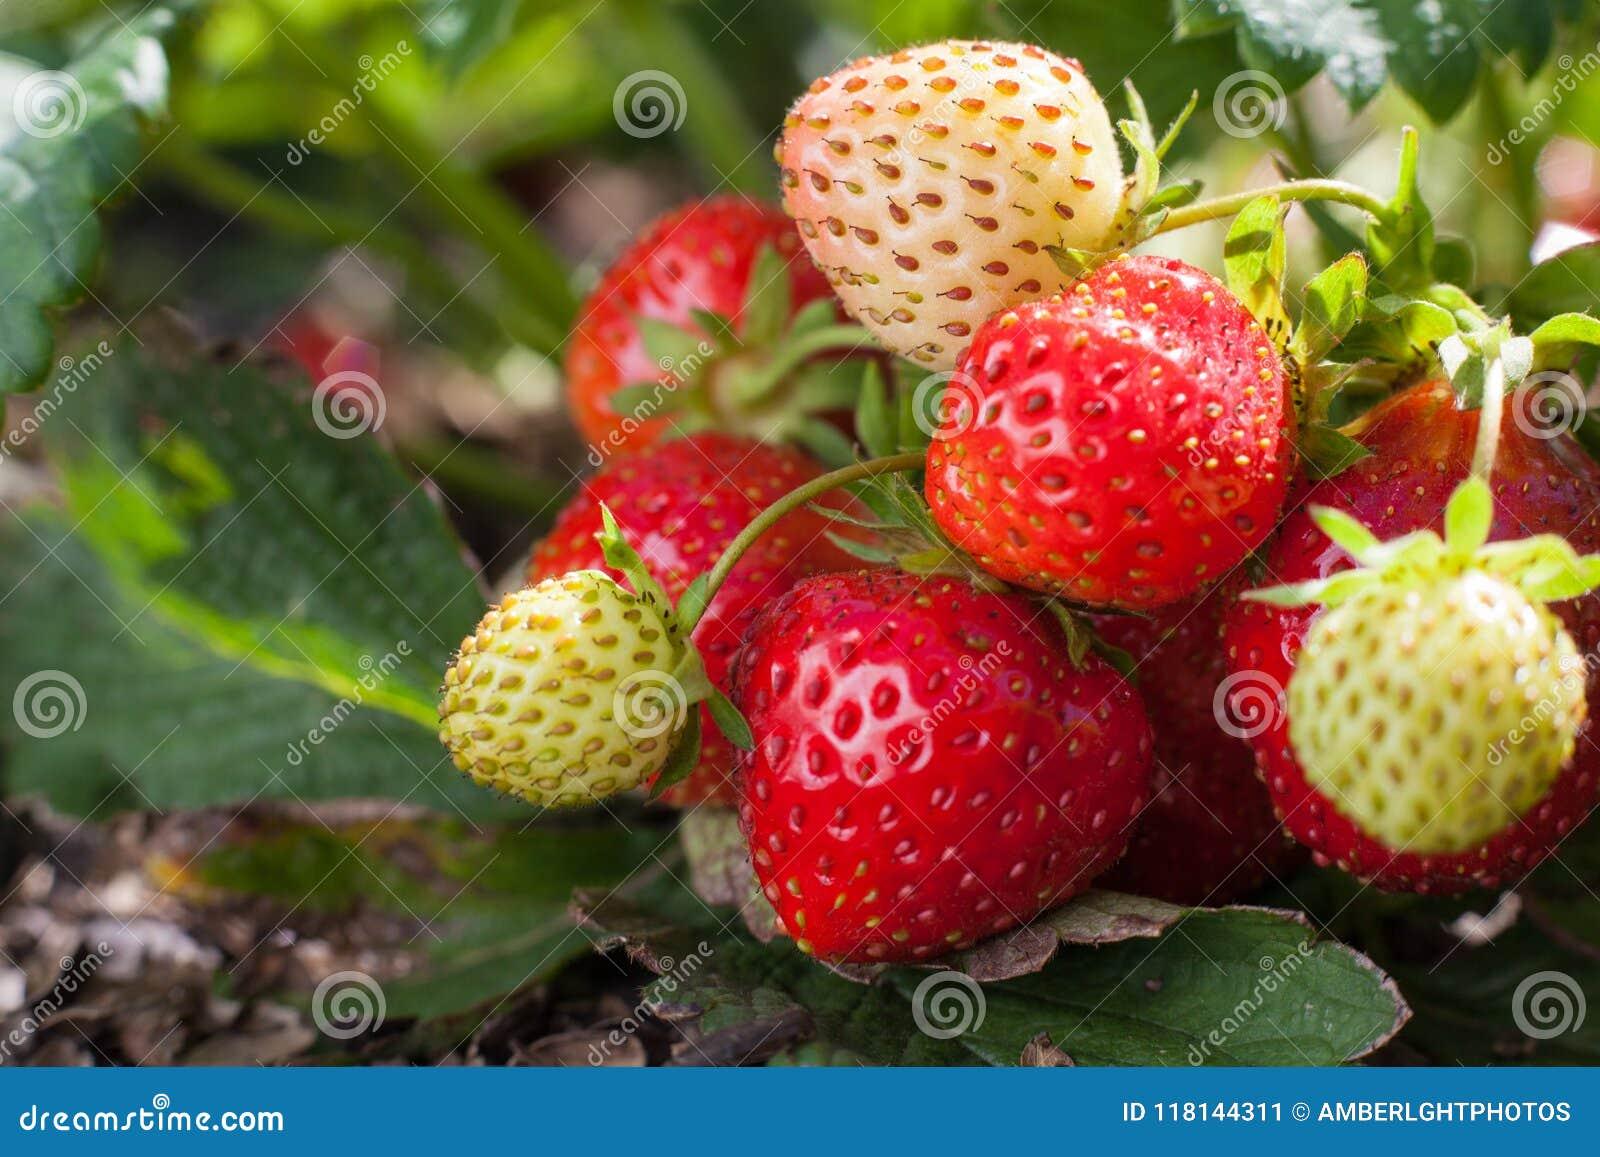 Röd jordgubbe och omogna vitfrukter på en jordgubbebuske som växer på en säng